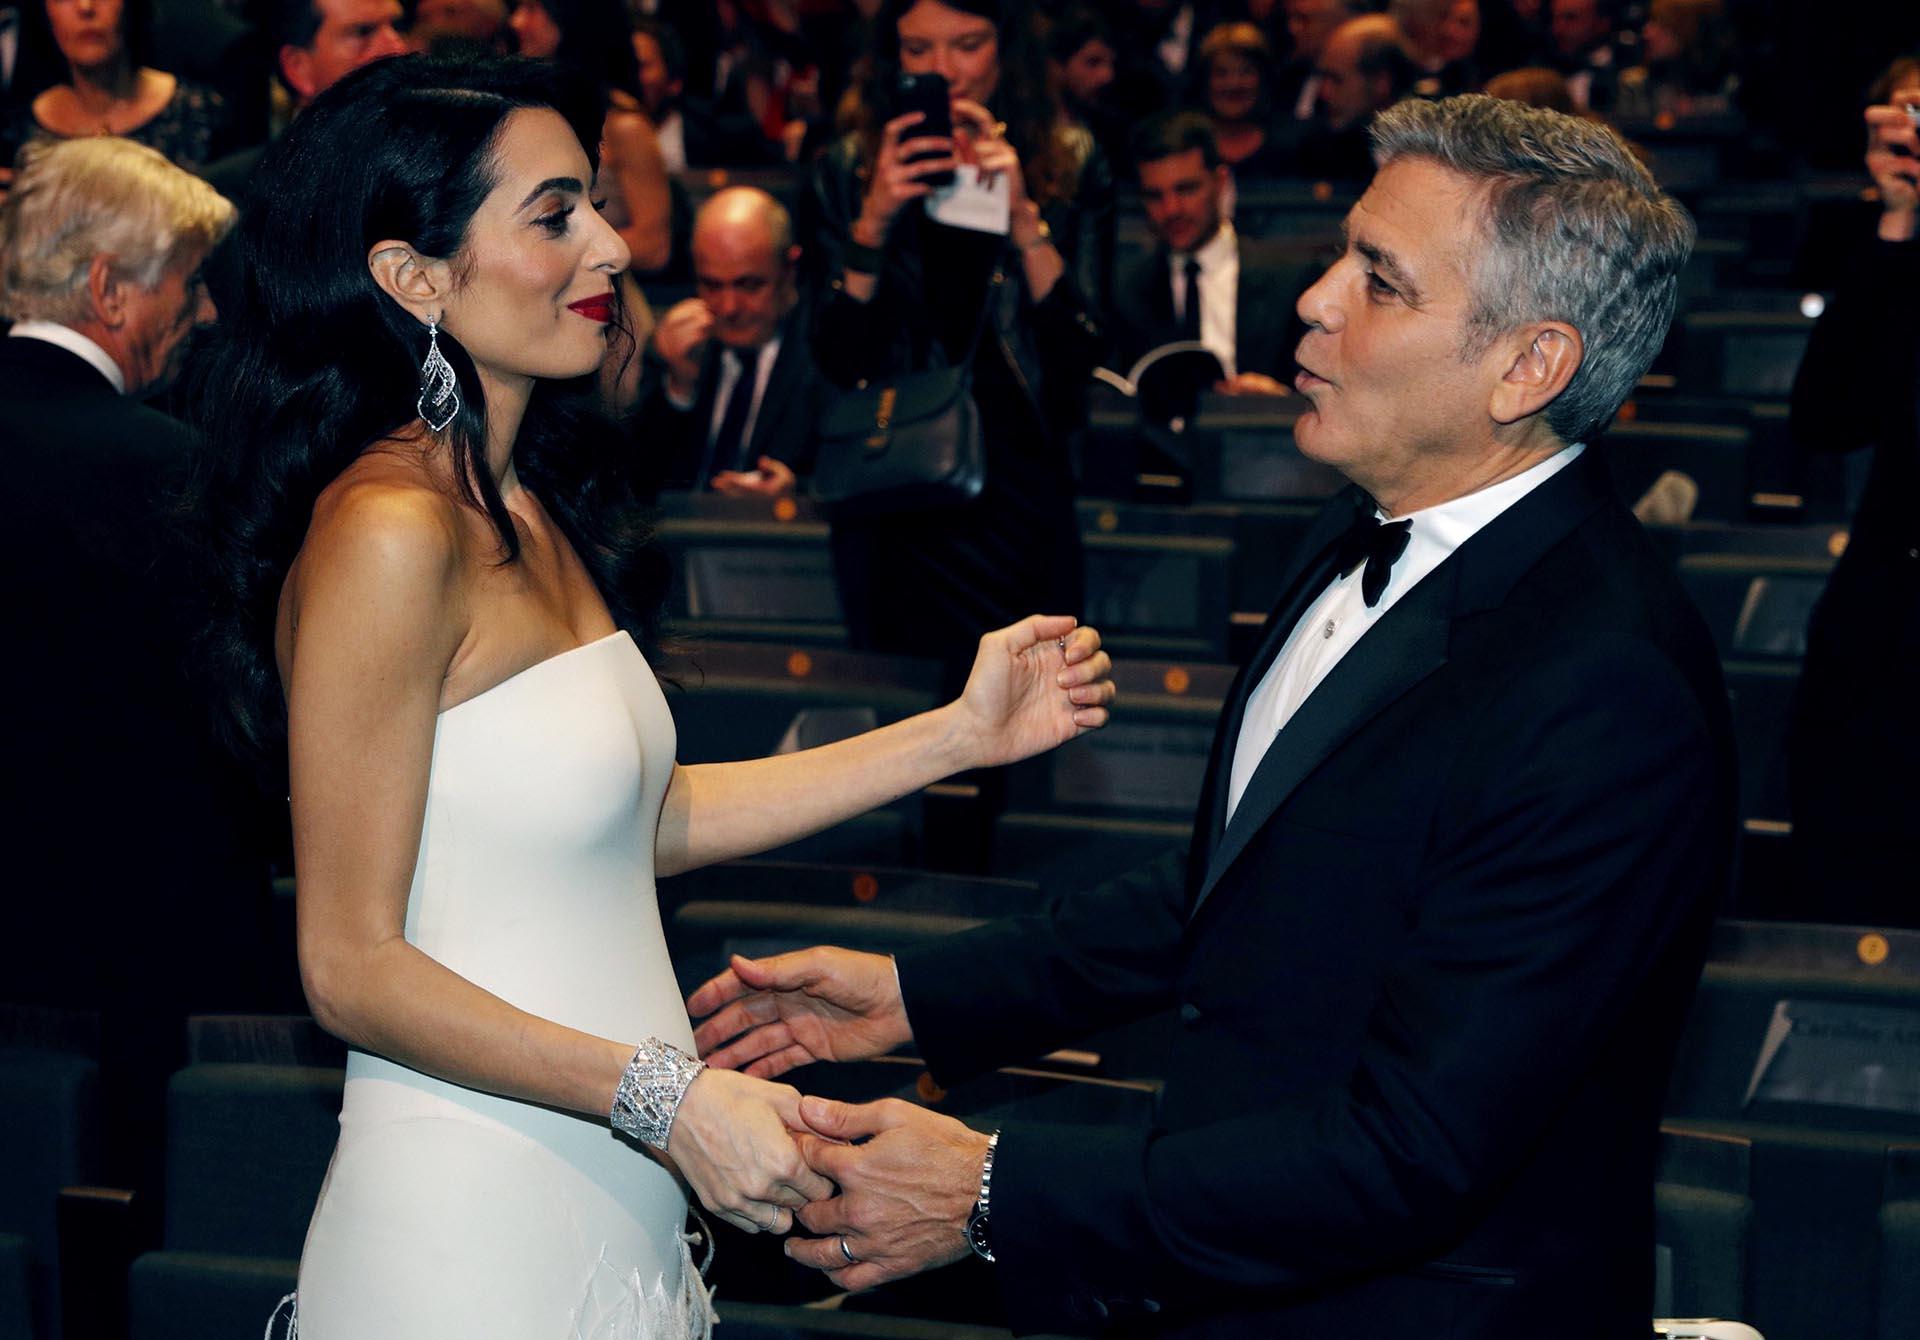 Nacieron Ella y Alexander, los gemelos de Amal Alamuddin y George Clooney. La pareja se conoció en 2013 y ahora formaron una hermosa familia